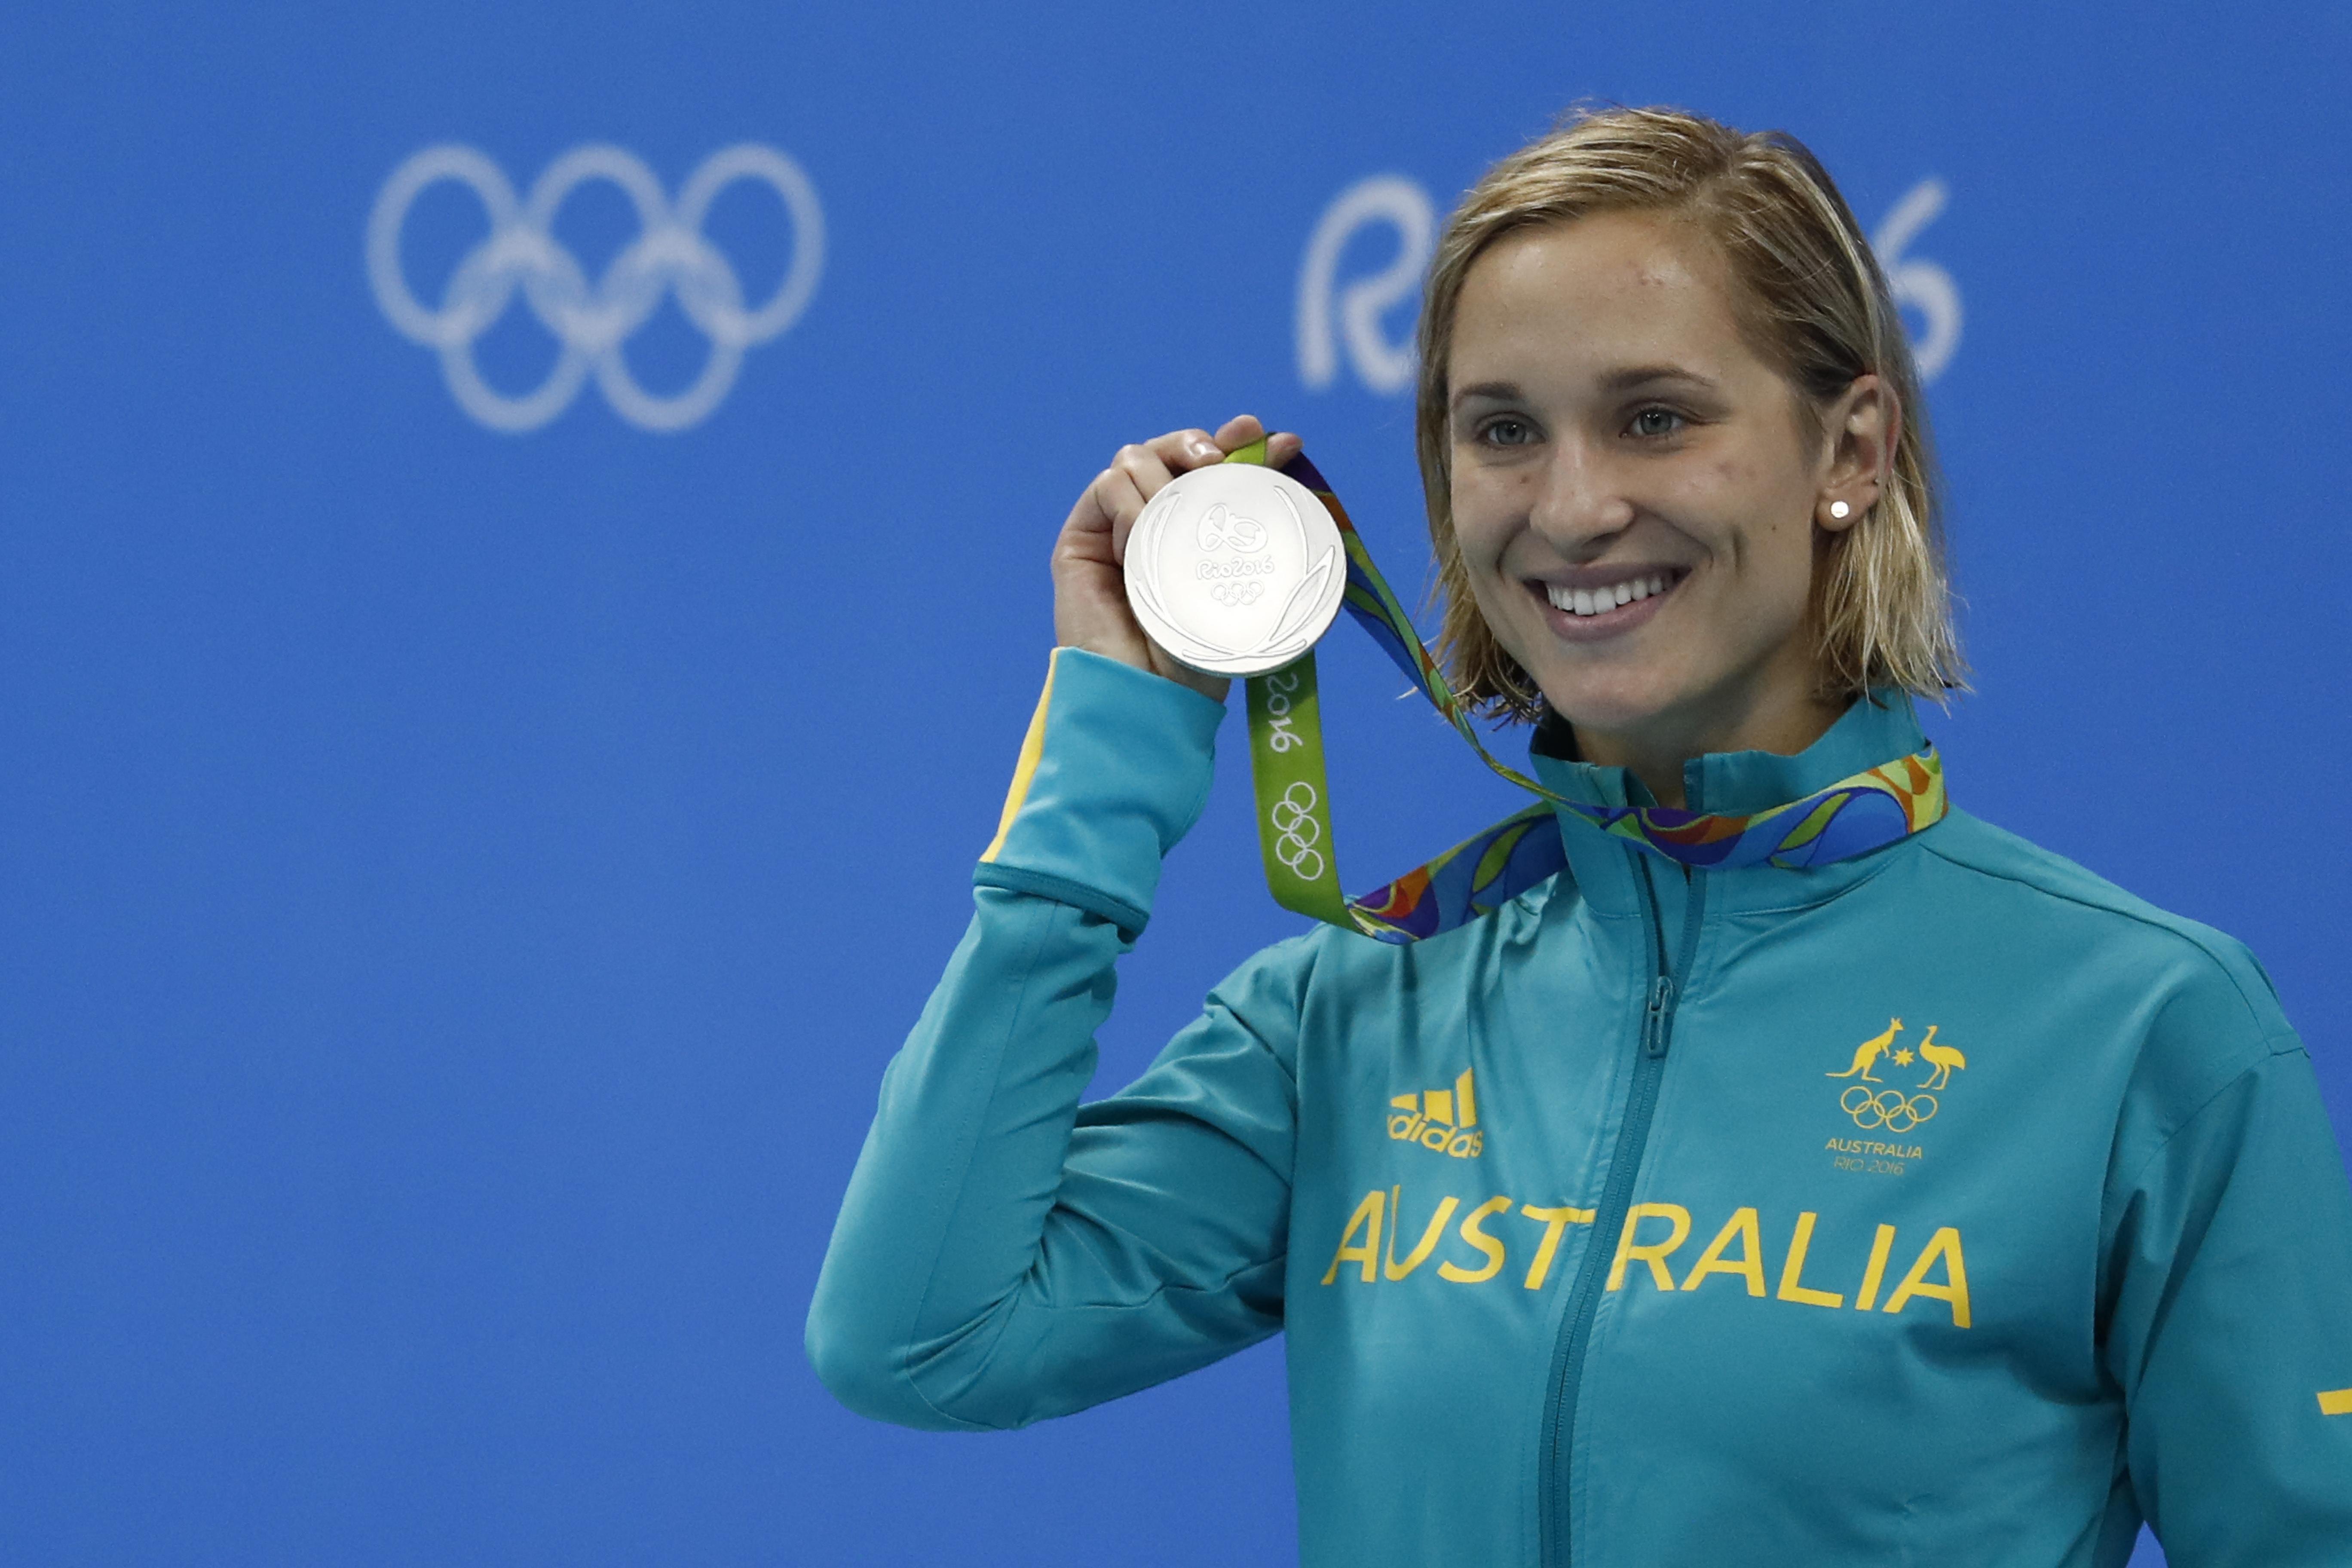 """Kapás Boglárka egyik nagy ellenfele """"nőgyűlölő perverzek"""" miatt lemondta az olimpiát"""